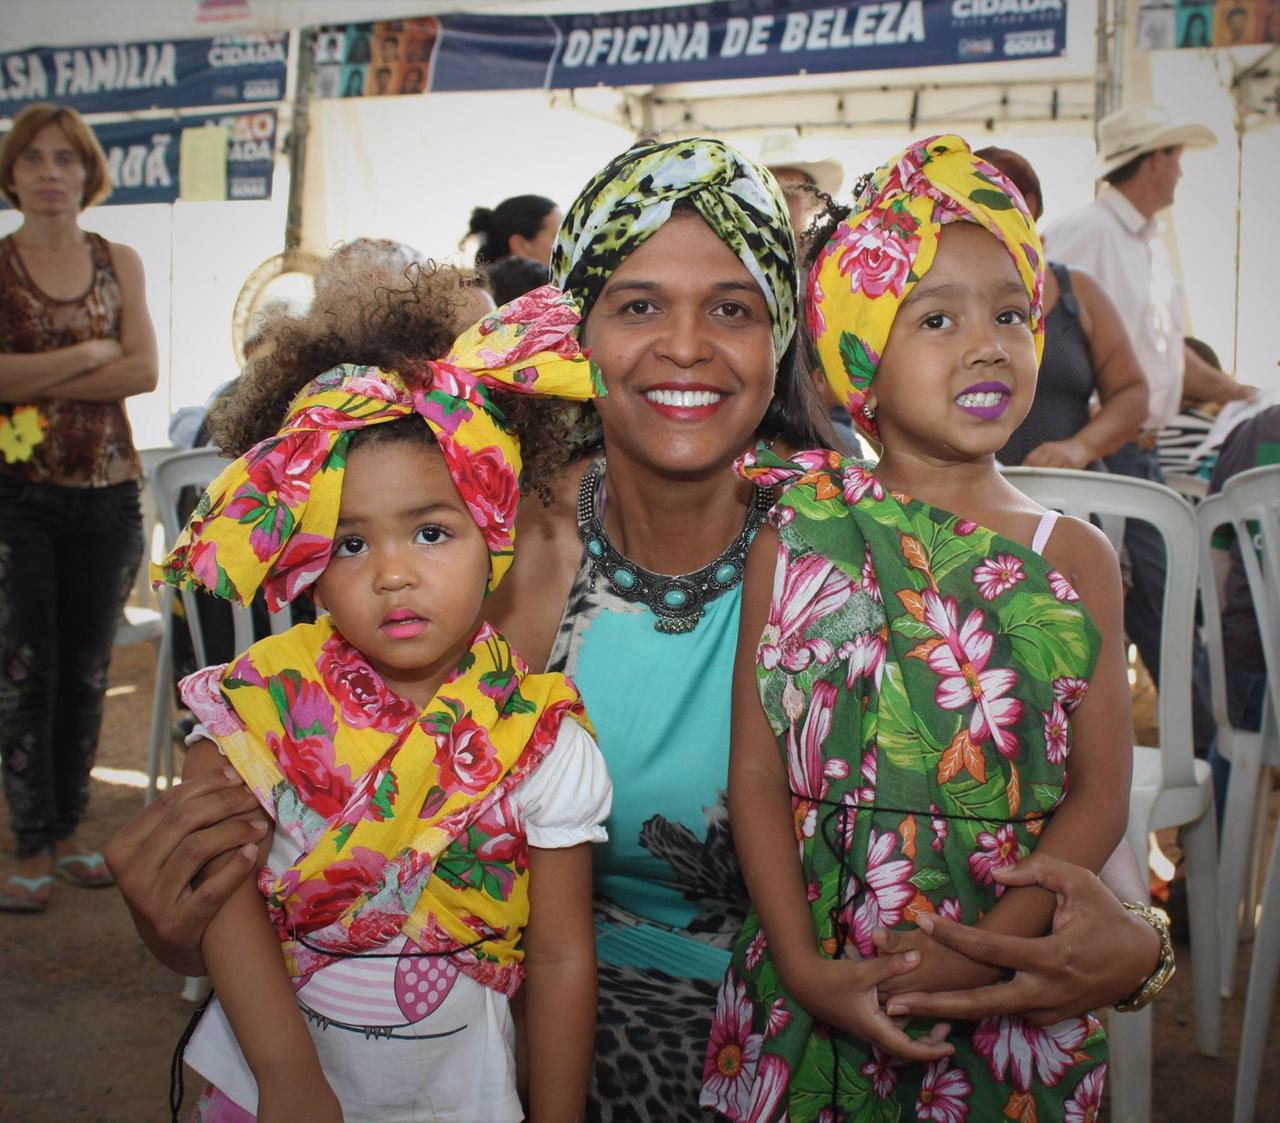 Zélia é prefeita de Itapirapuã (GO) e avalia que falhou ao não ter feito políticas para mulheres negras | Foto: Divulgação